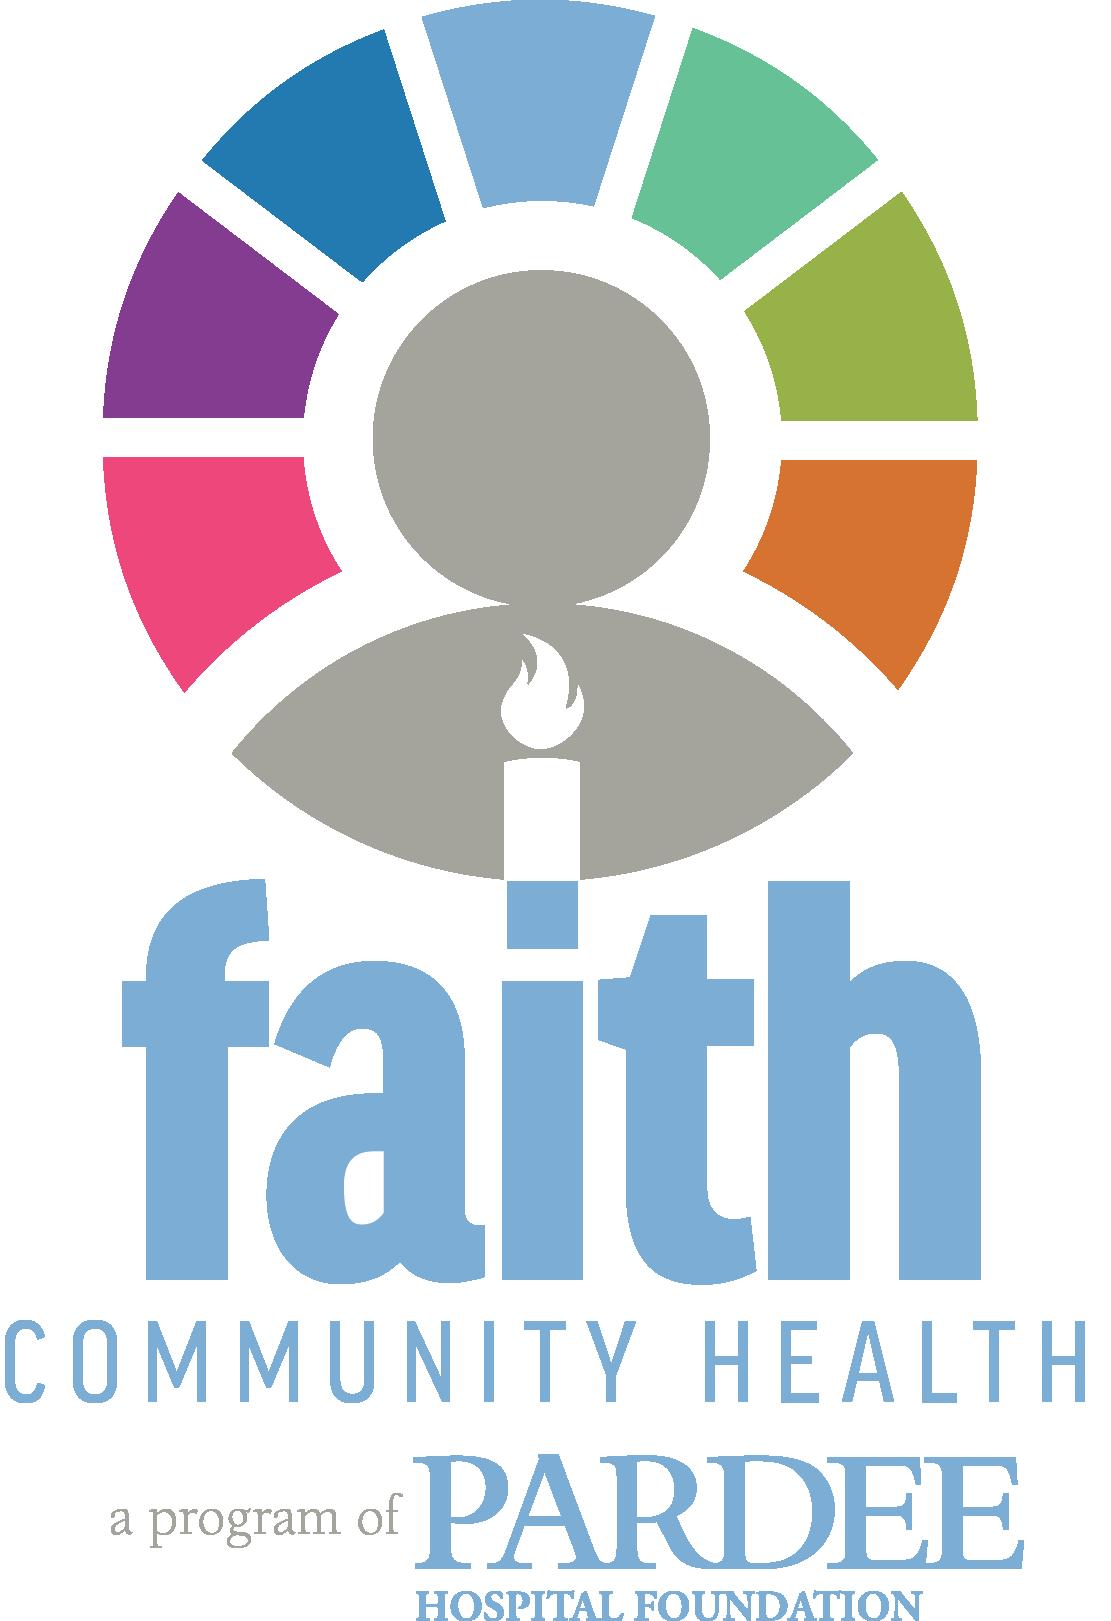 Community health pardee hospital. Faith clipart faithfulness